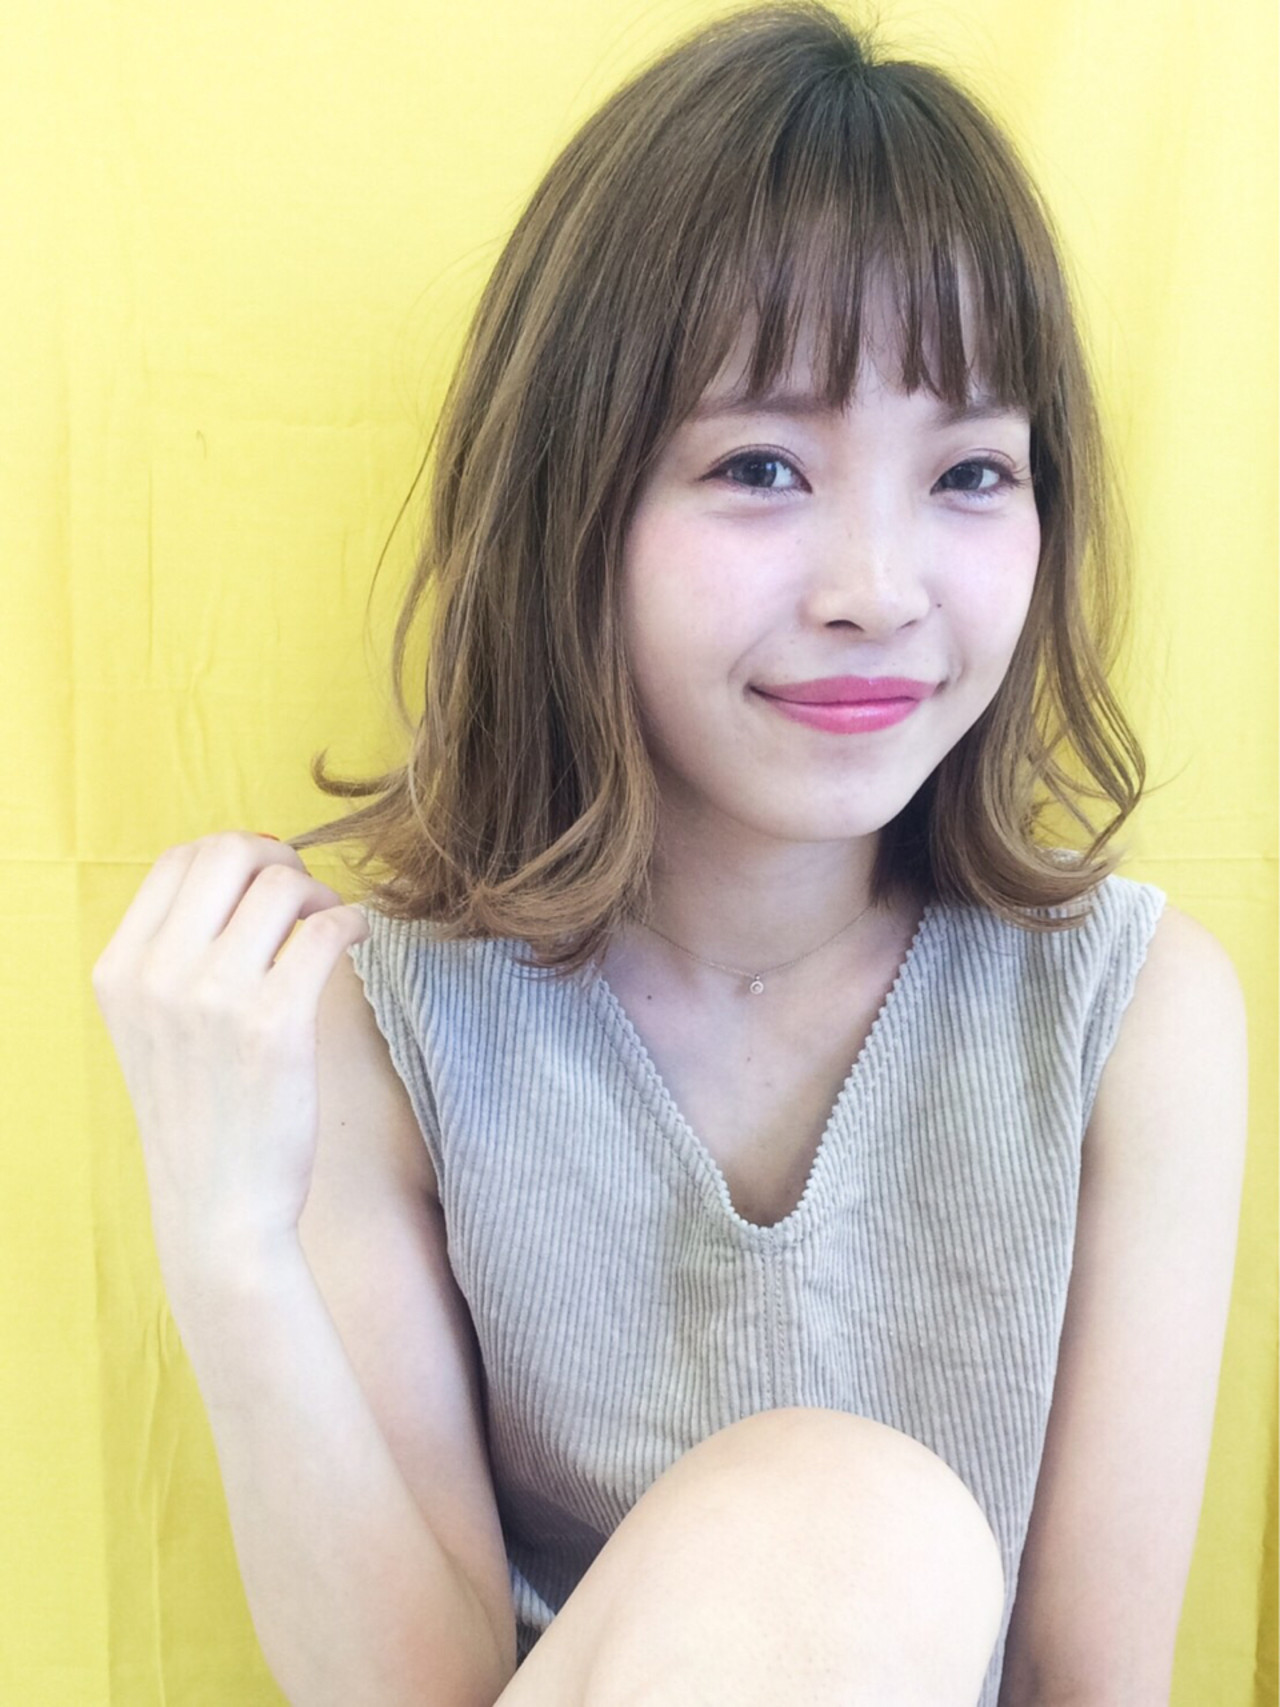 ヘアアレンジ ミディアム 大人女子 フェミニン ヘアスタイルや髪型の写真・画像 | yuka /